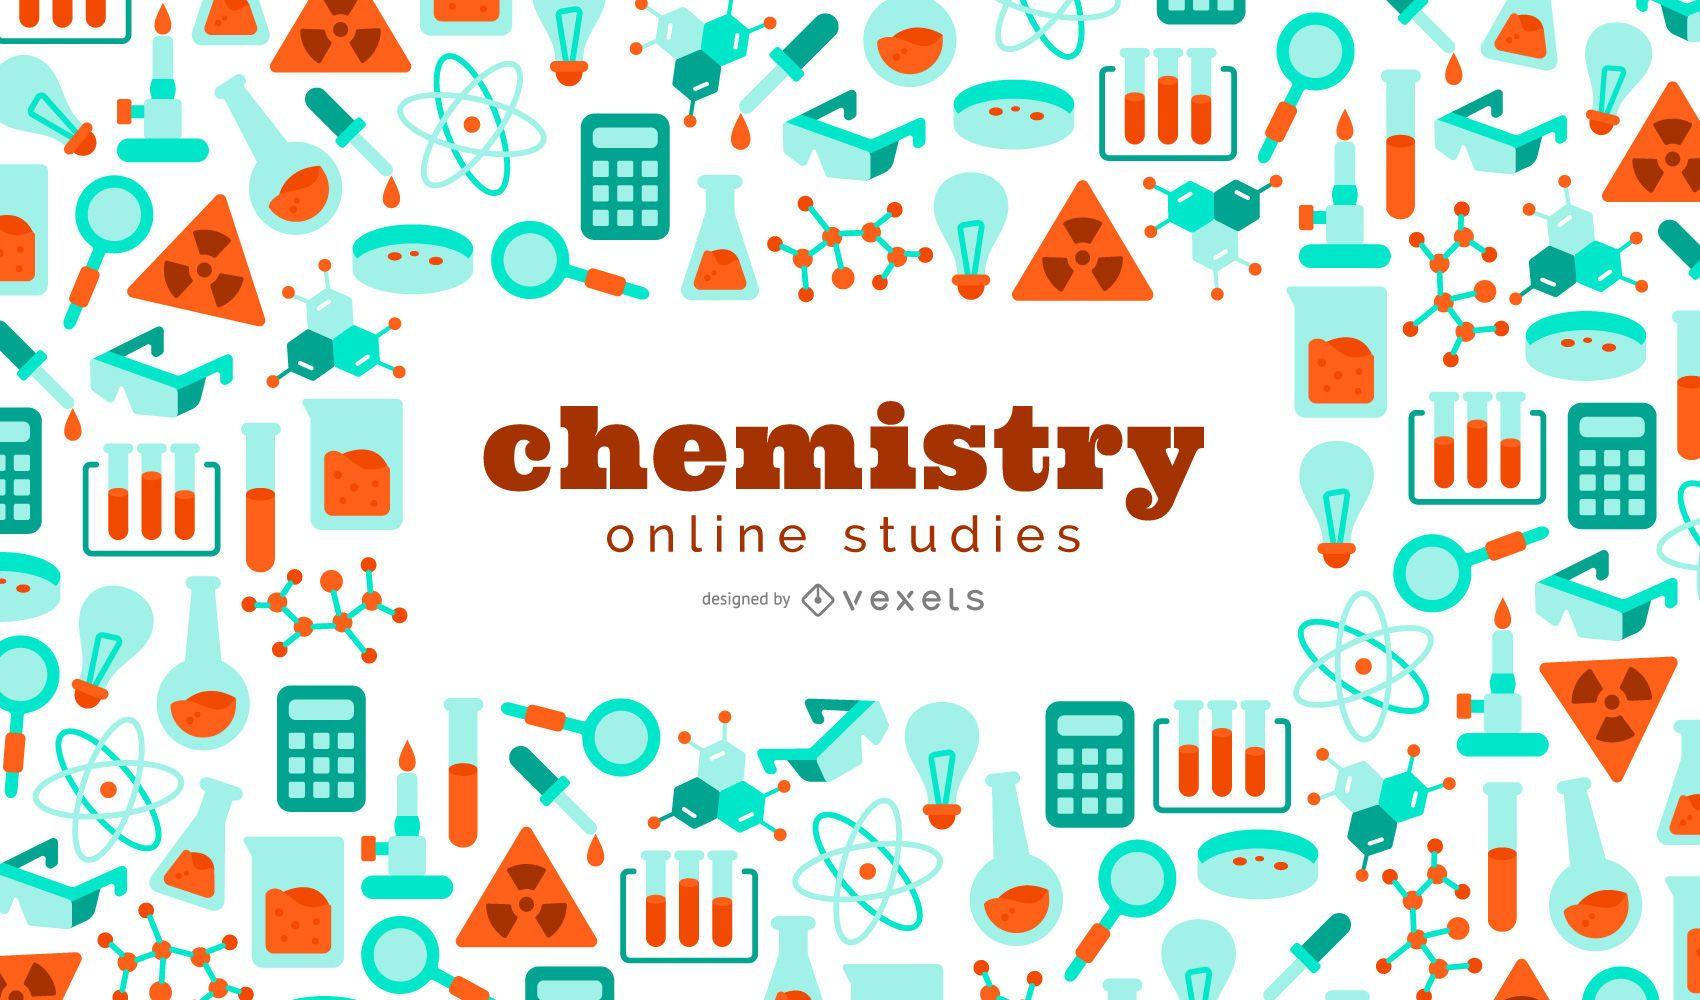 Fondo de estudios de química en línea